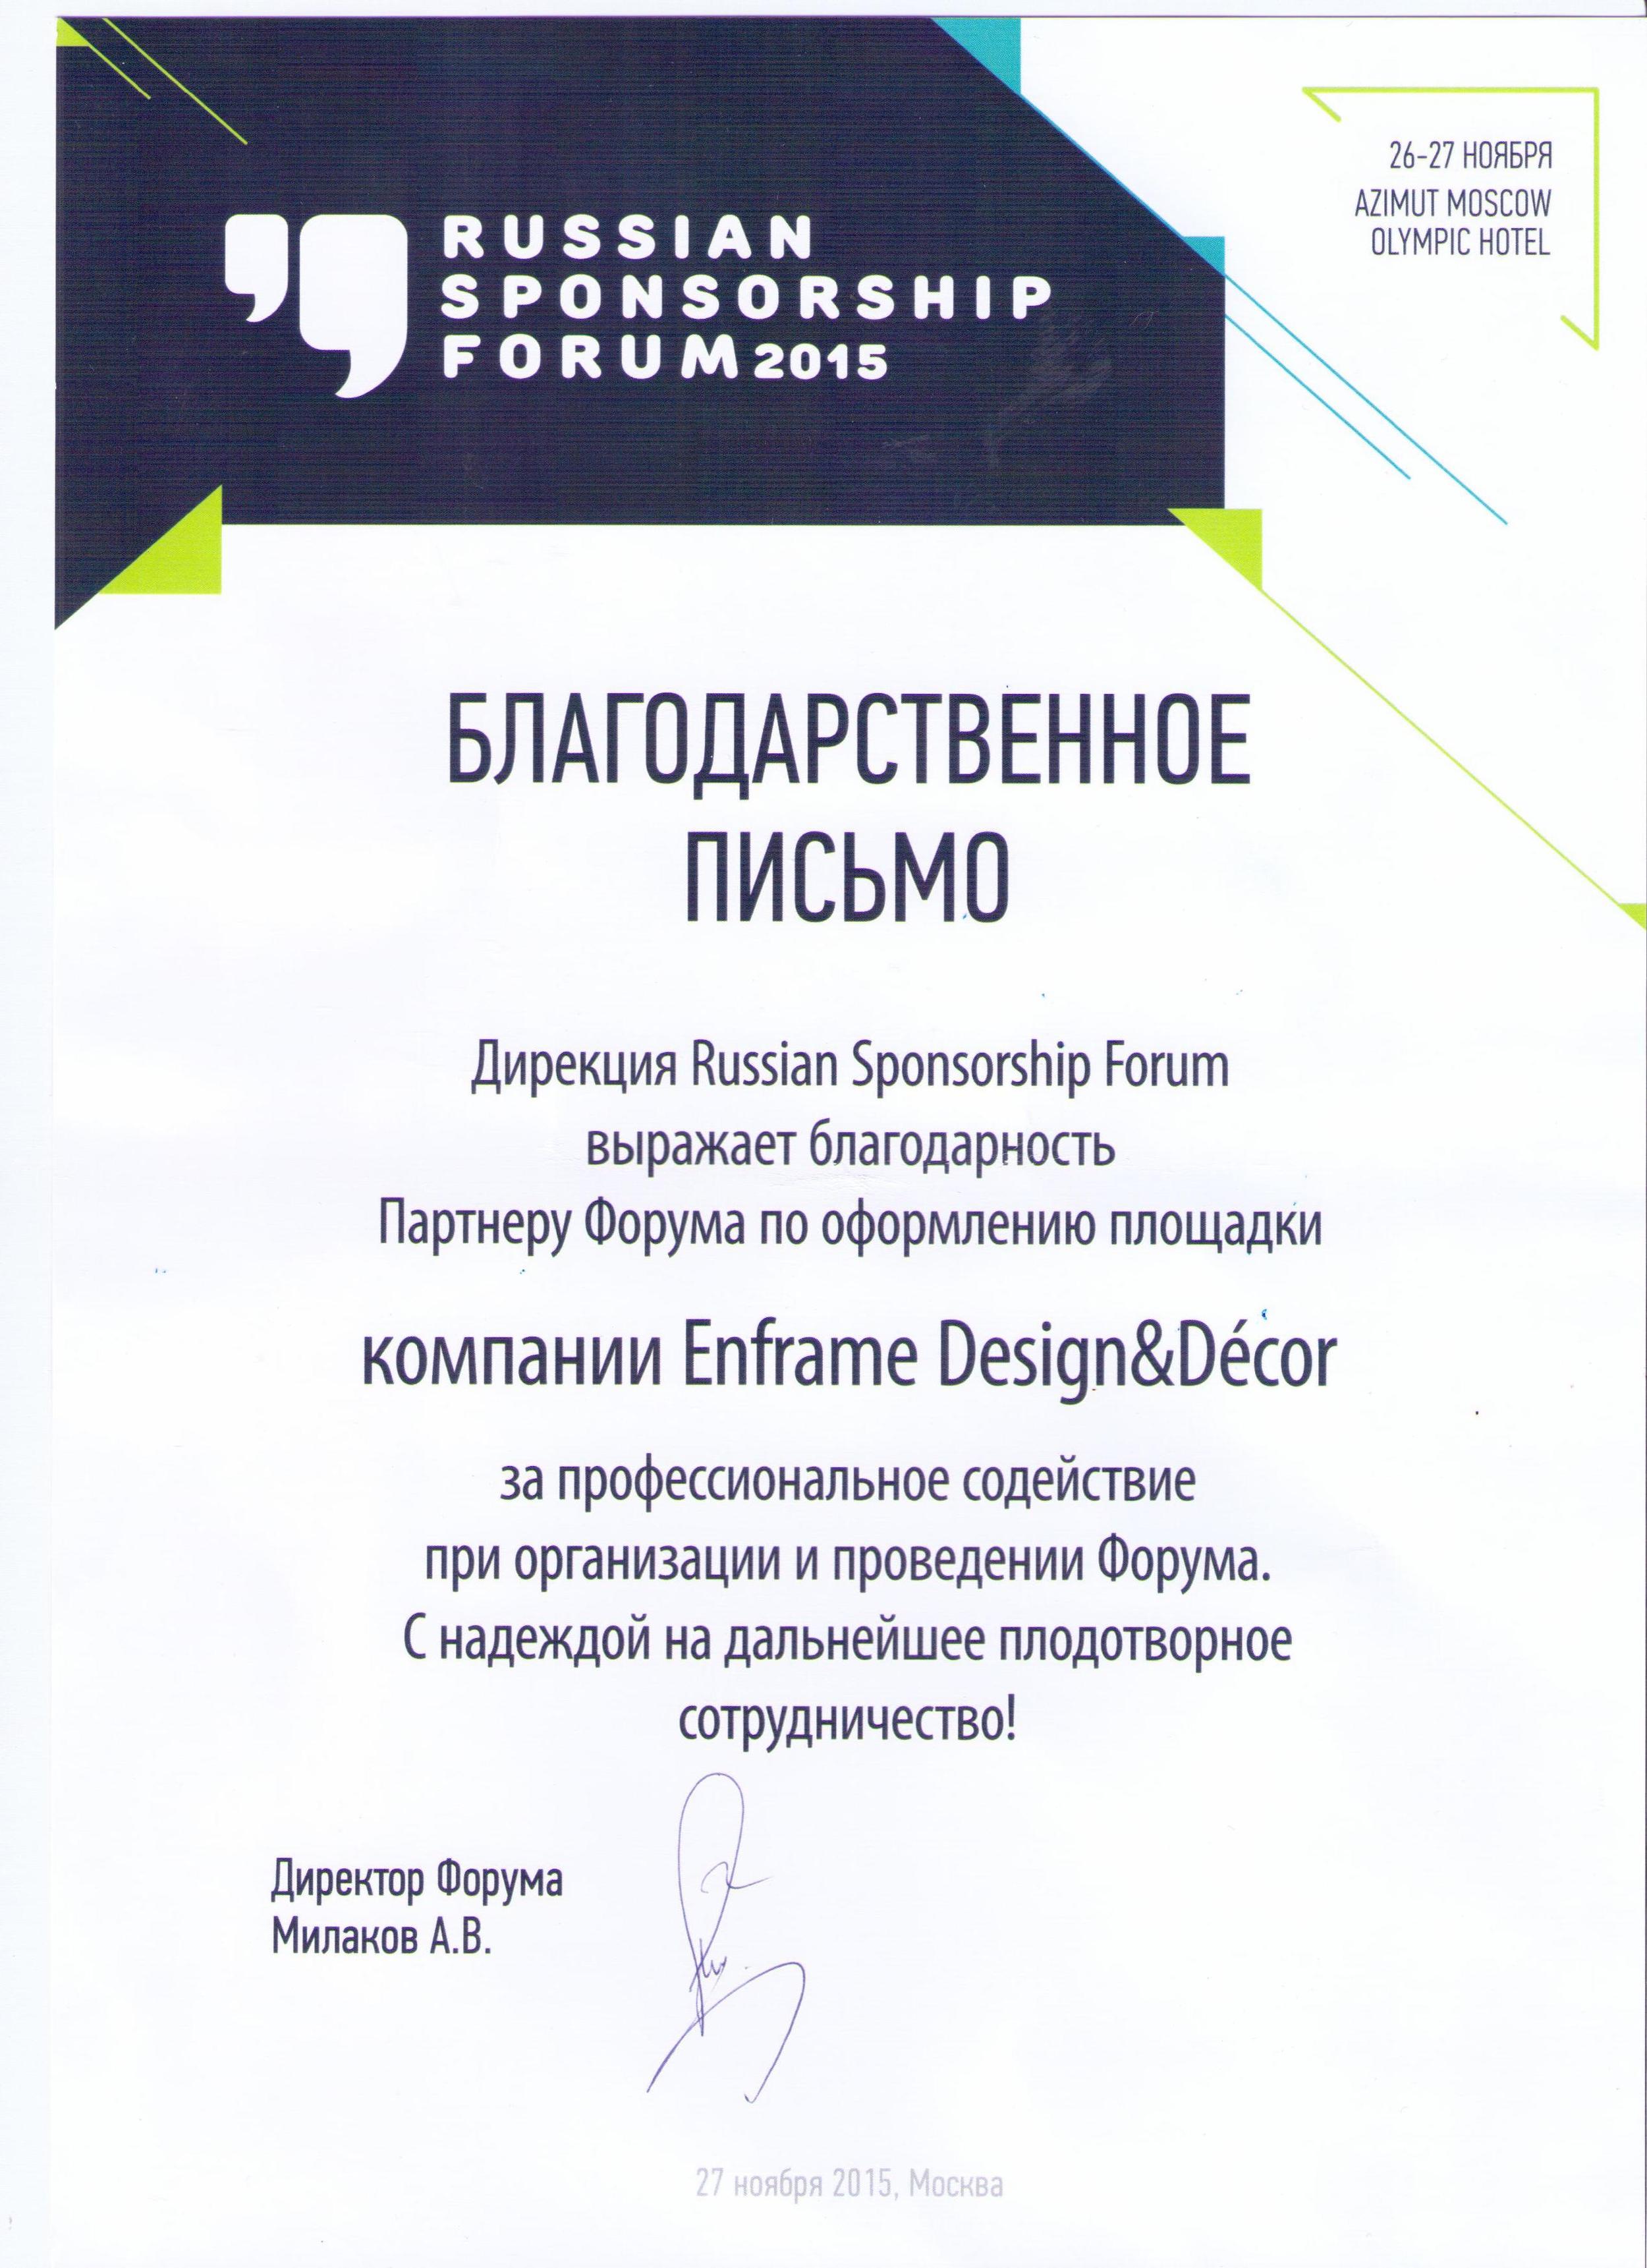 Благодарность за оформление Sponsorship forum 2015